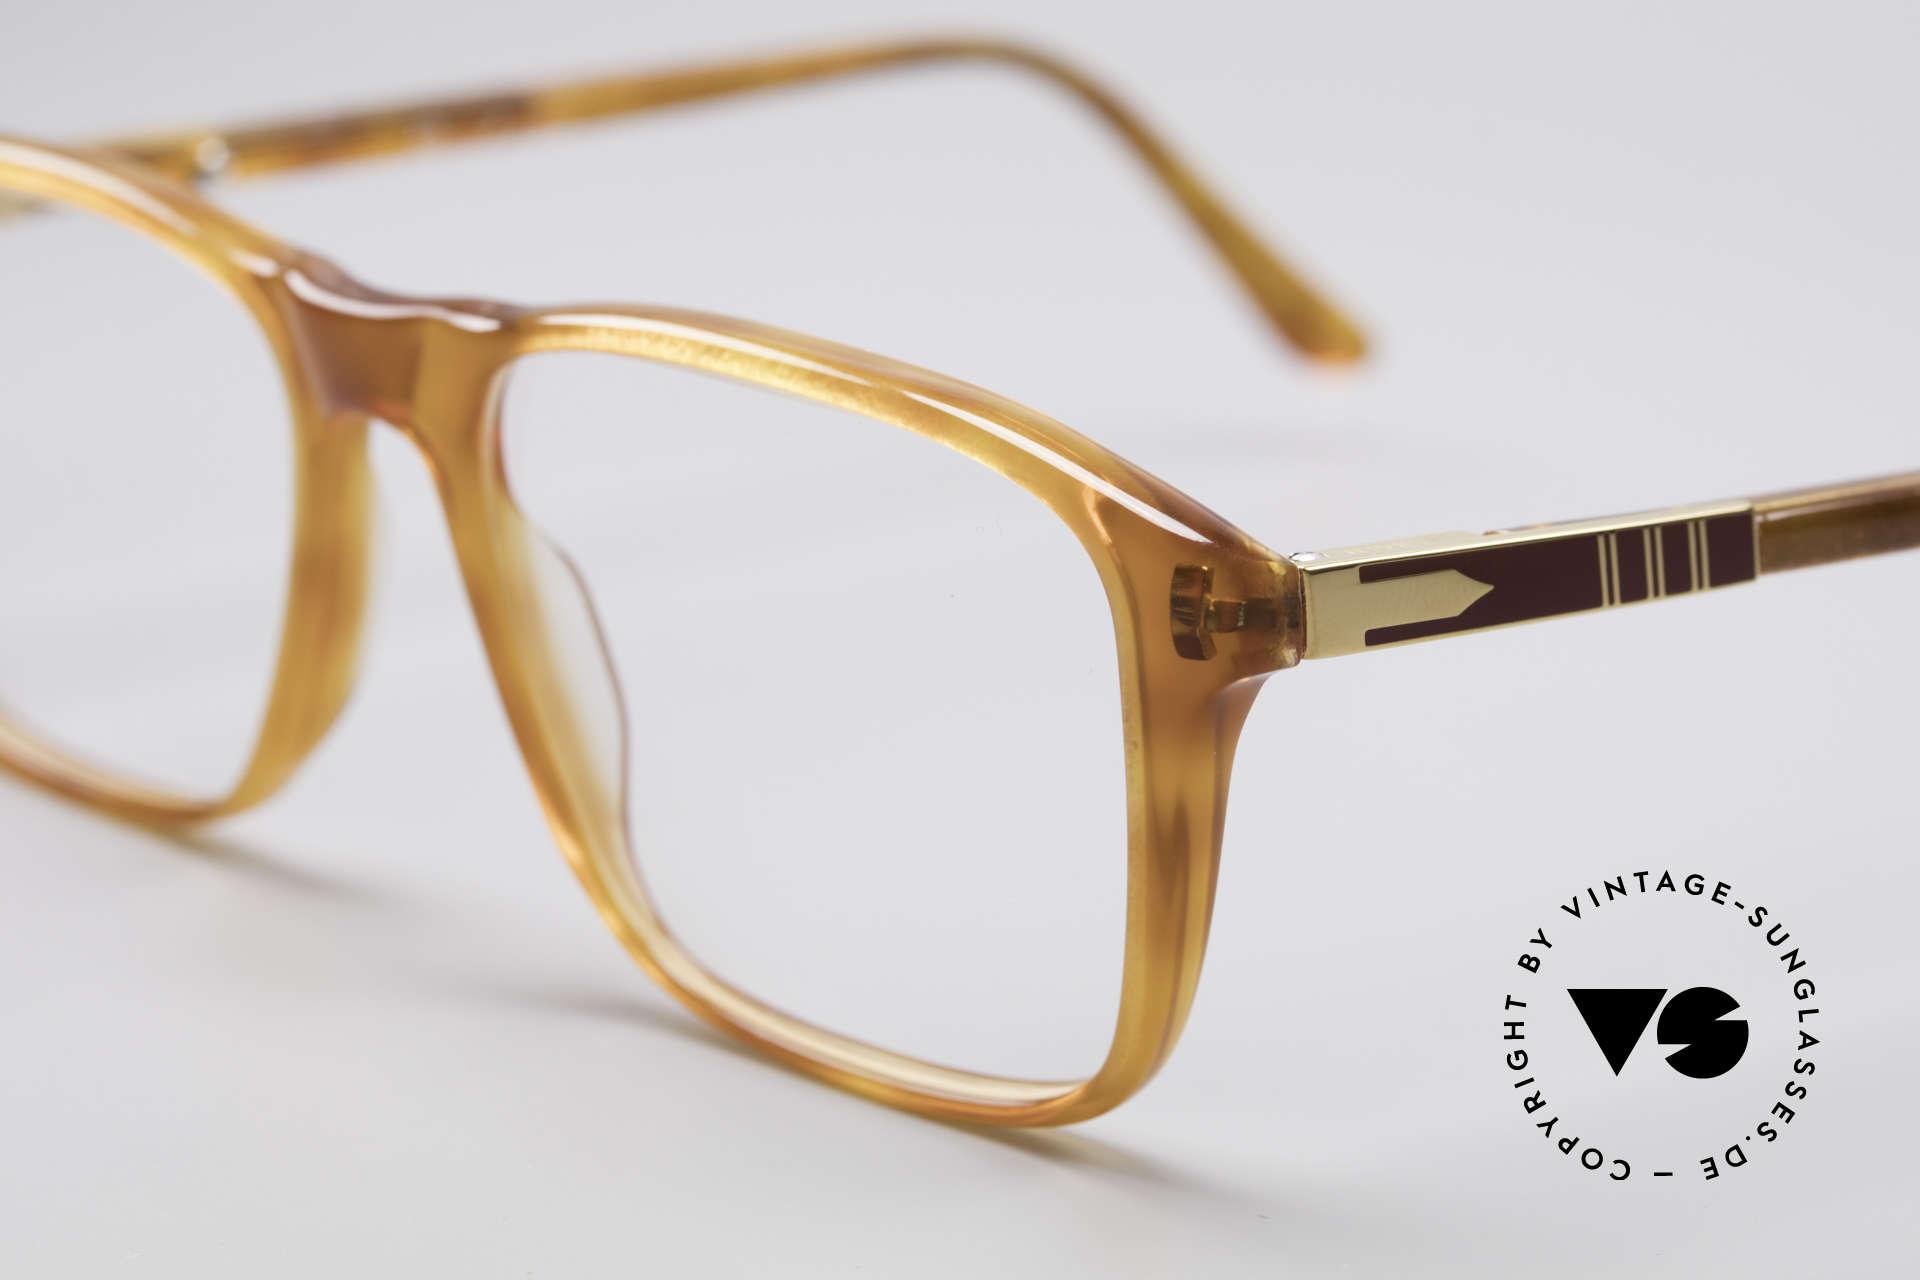 Persol Manager 13 Ratti Vergoldete 80er Brille, absolutes Top-Produkt in Design sowie in Verarbeitung, Passend für Herren